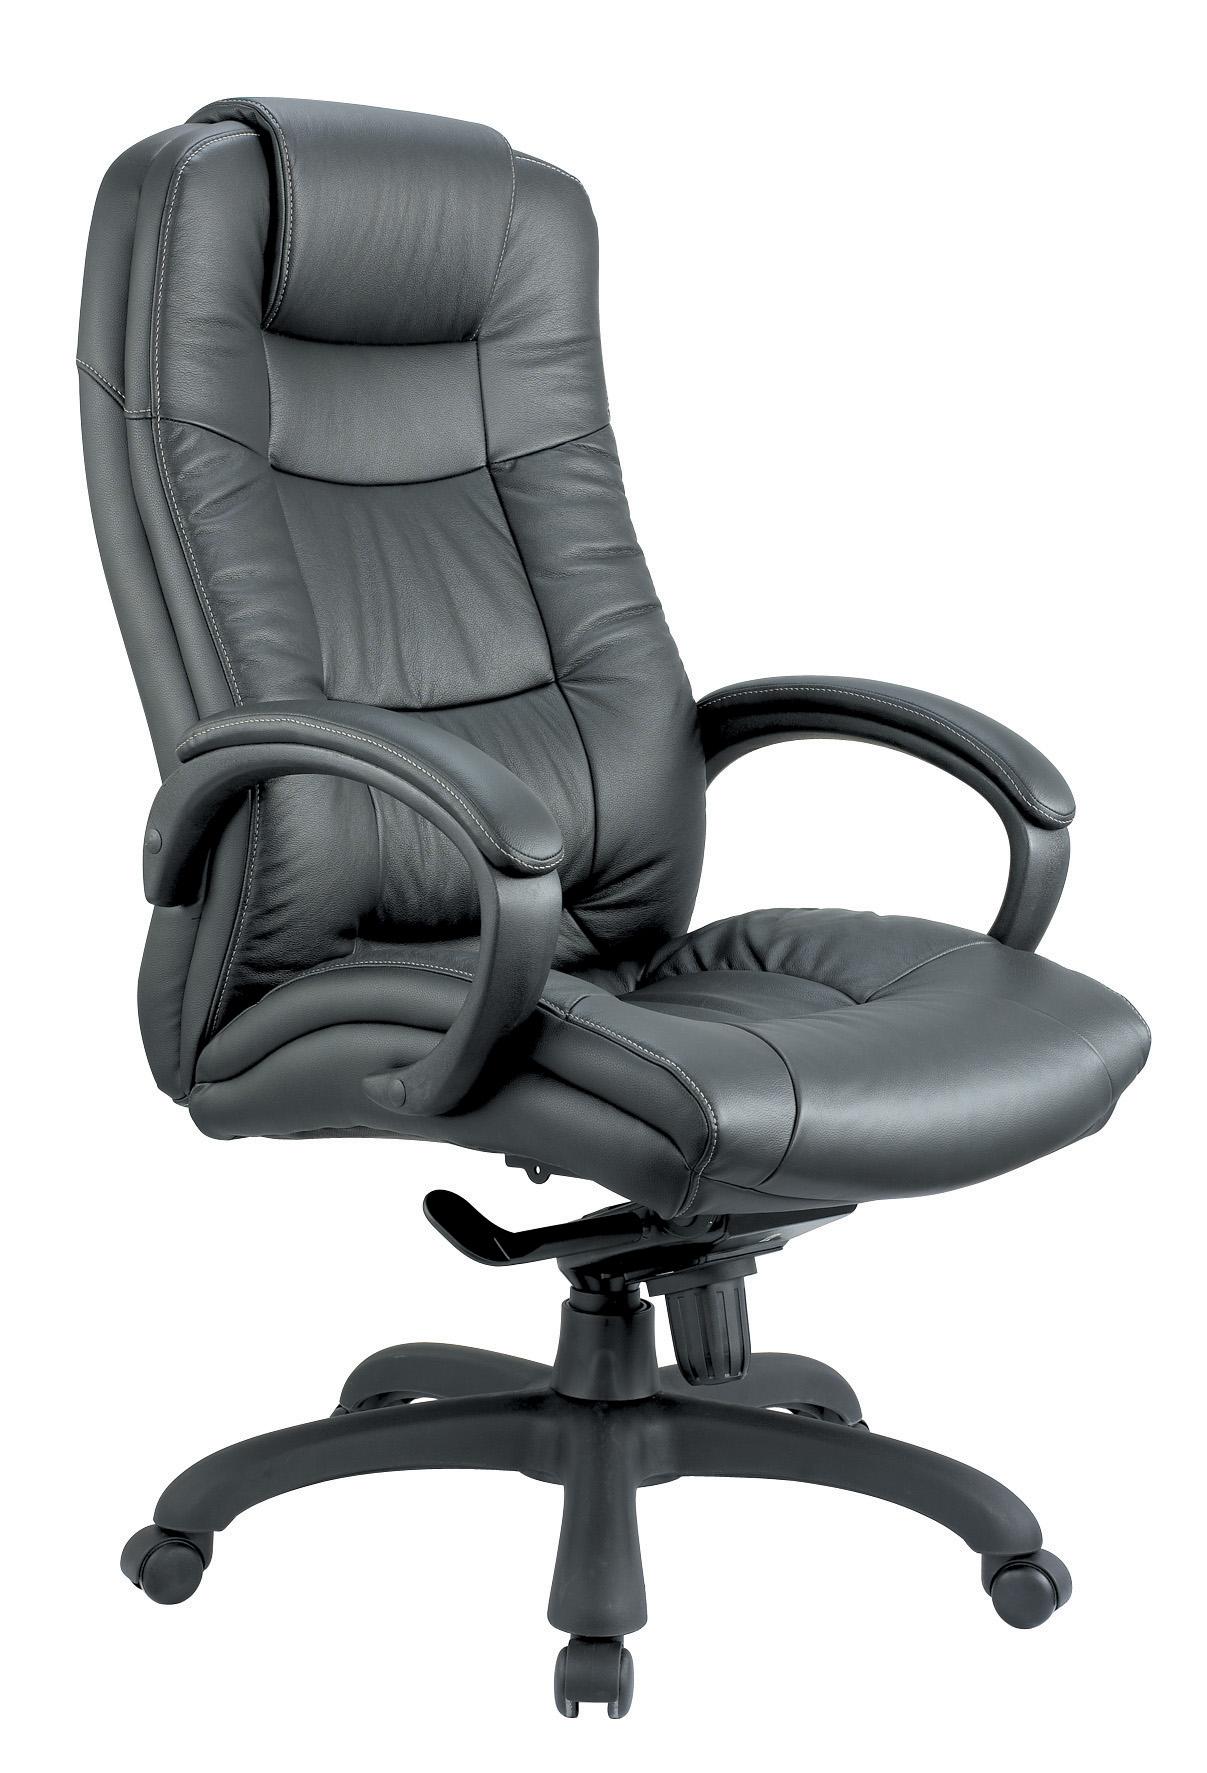 כיסא מנהל סינכרוני